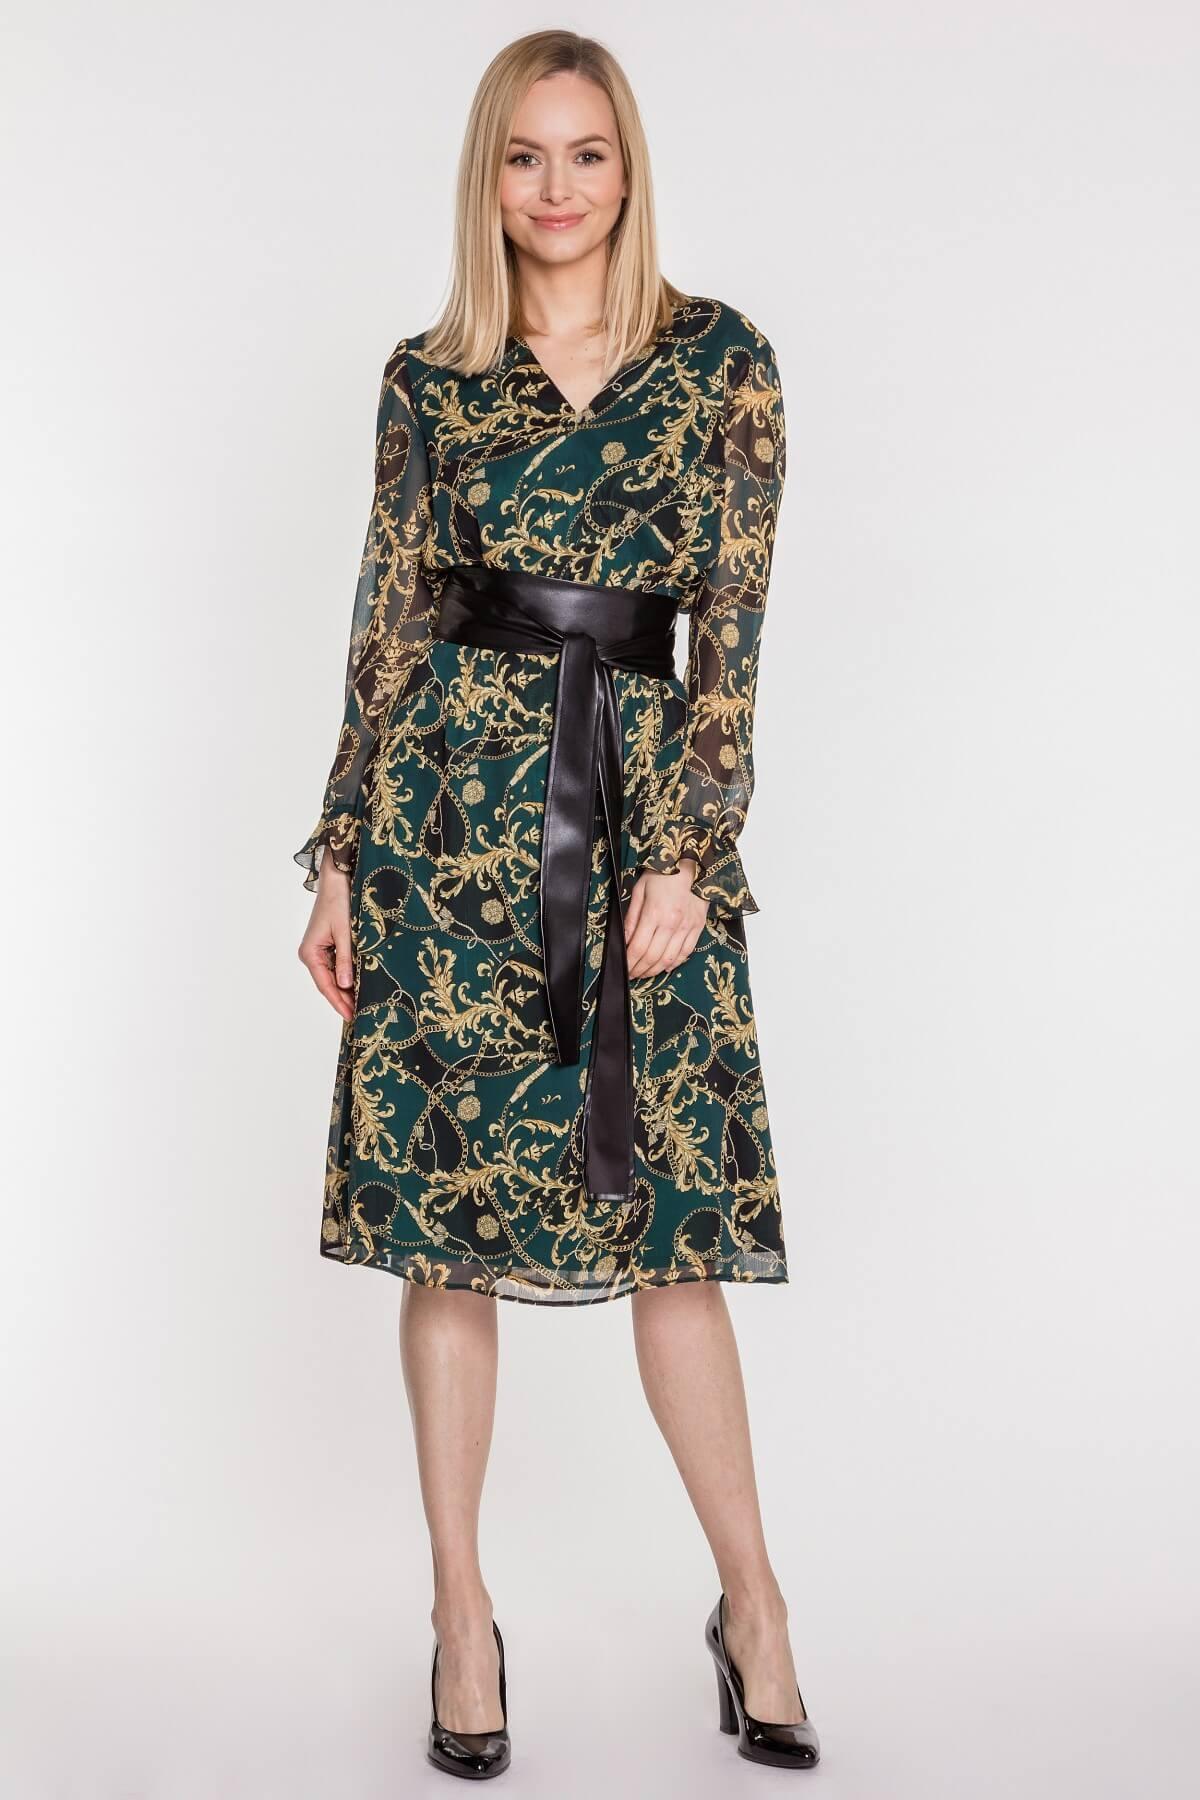 1f5ab9a335 Sukienka szyfonowa – doskonała nie tylko na lato - Blog o modzie ...